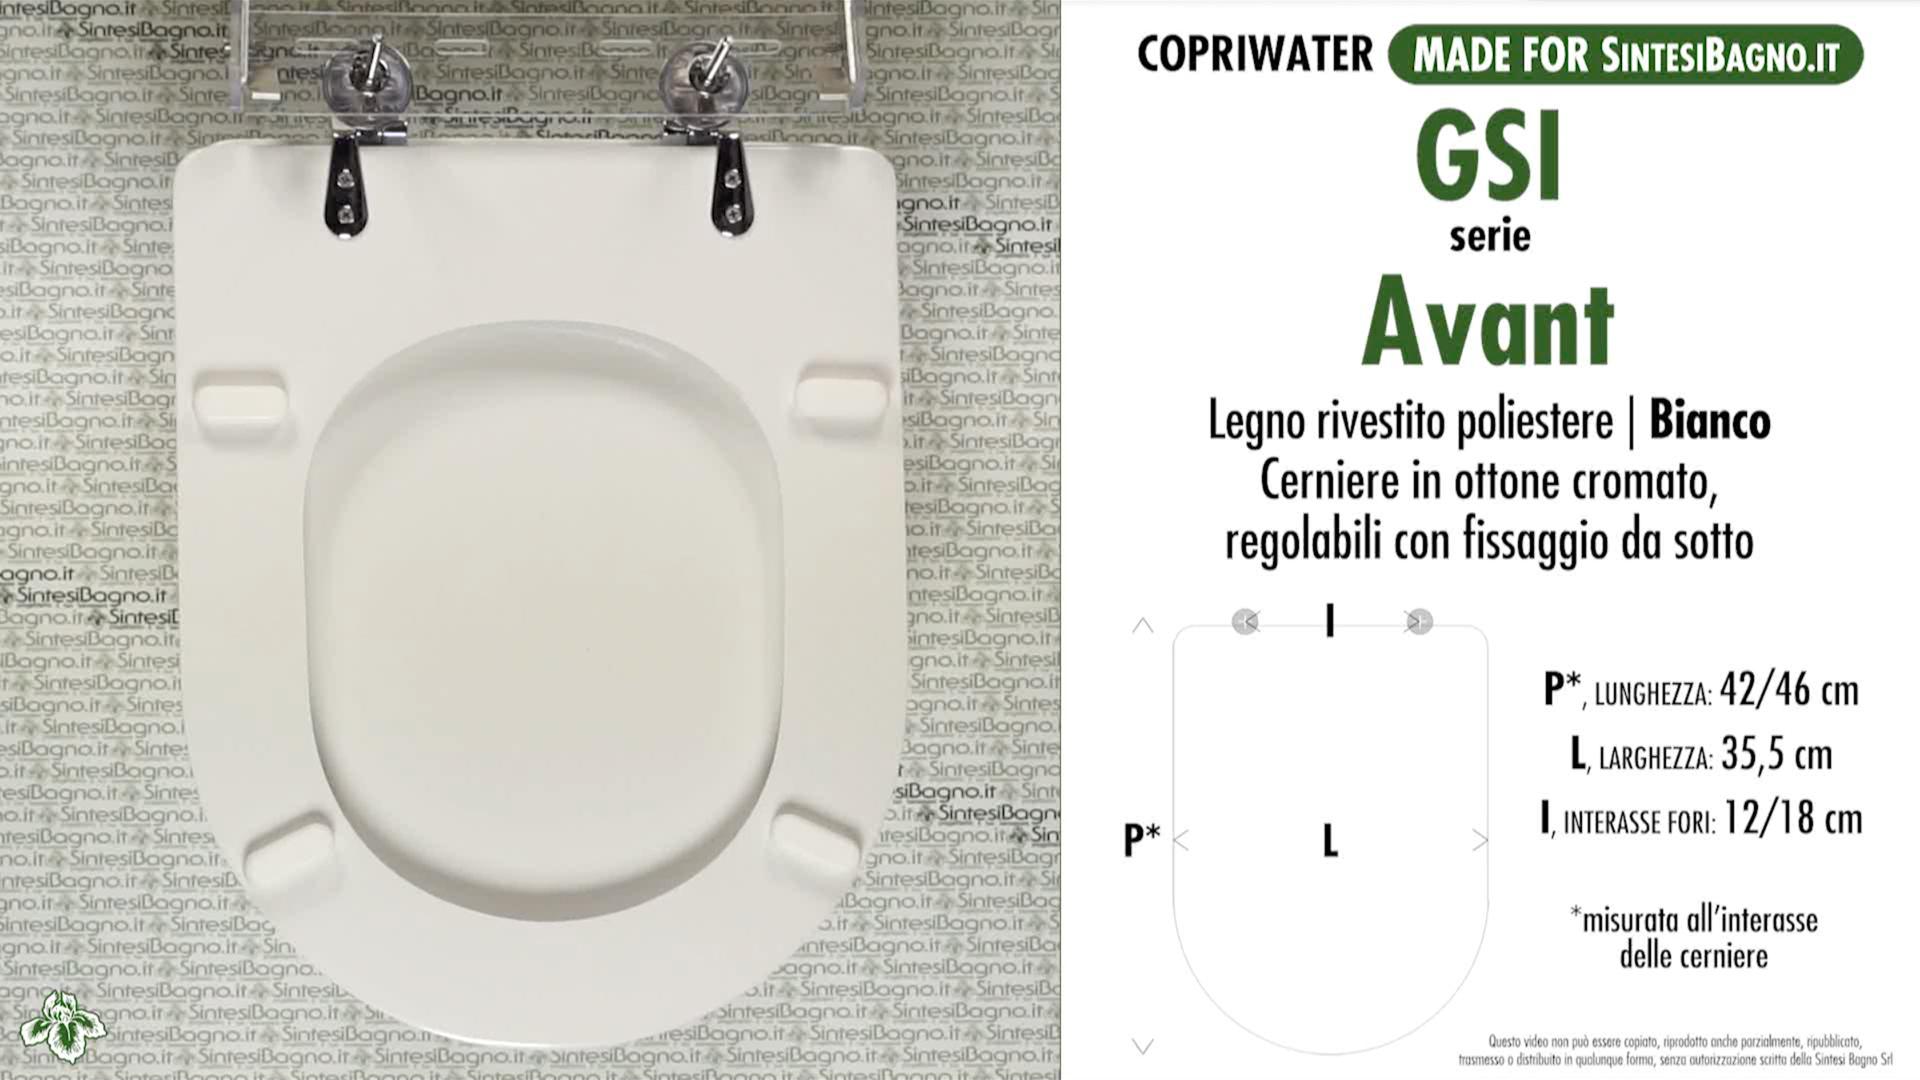 SCHEDA TECNICA MISURE copriwater FACIS/GSI AVANT